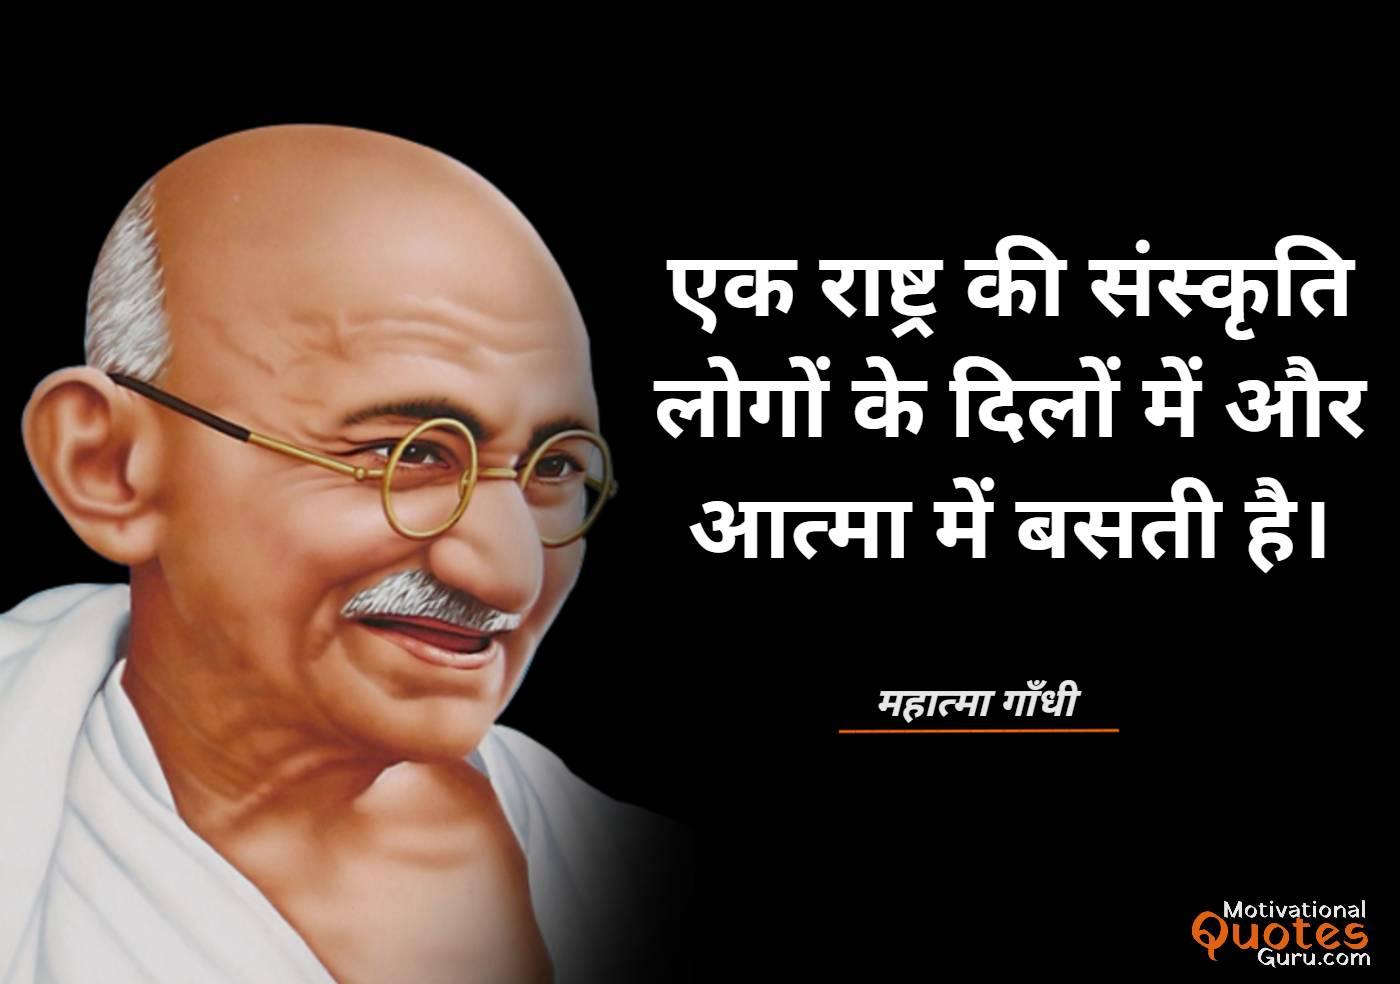 Mahatma Gandhi Quotes In Hindi 2020